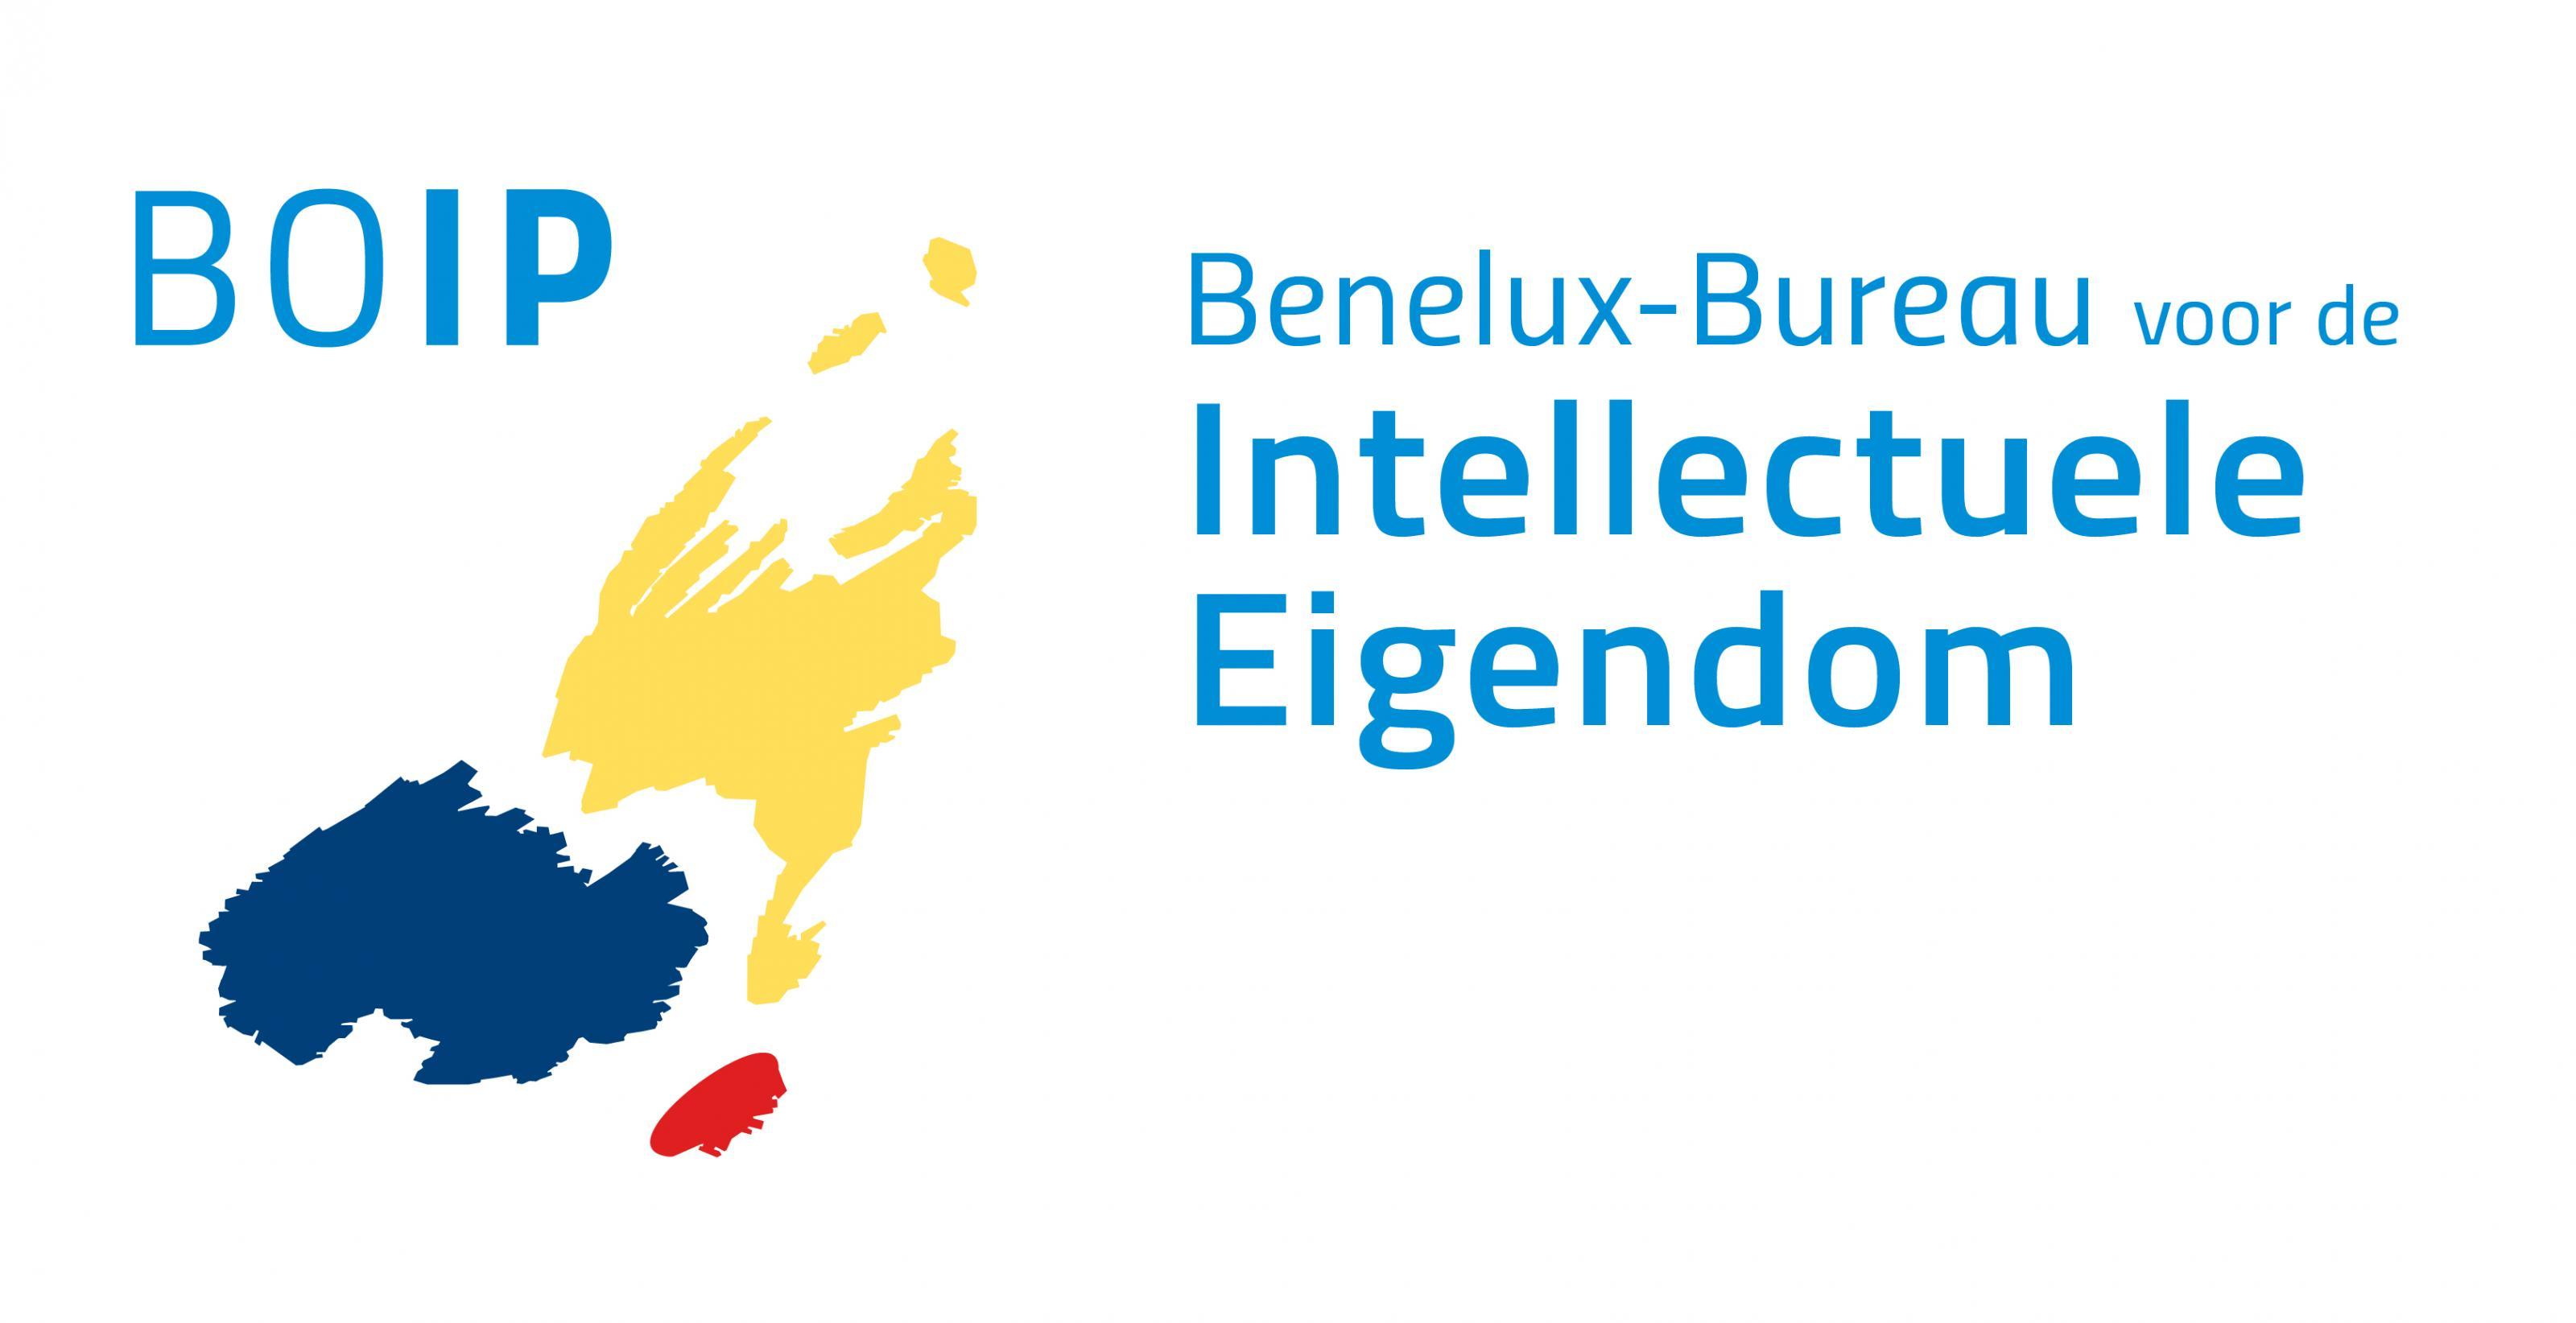 cc791e24678 Het Benelux-Bureau voor de Intellectuele Eigendom (BOIP) is de officiële  instantie voor de registratie van merken en modellen in de Benelux.